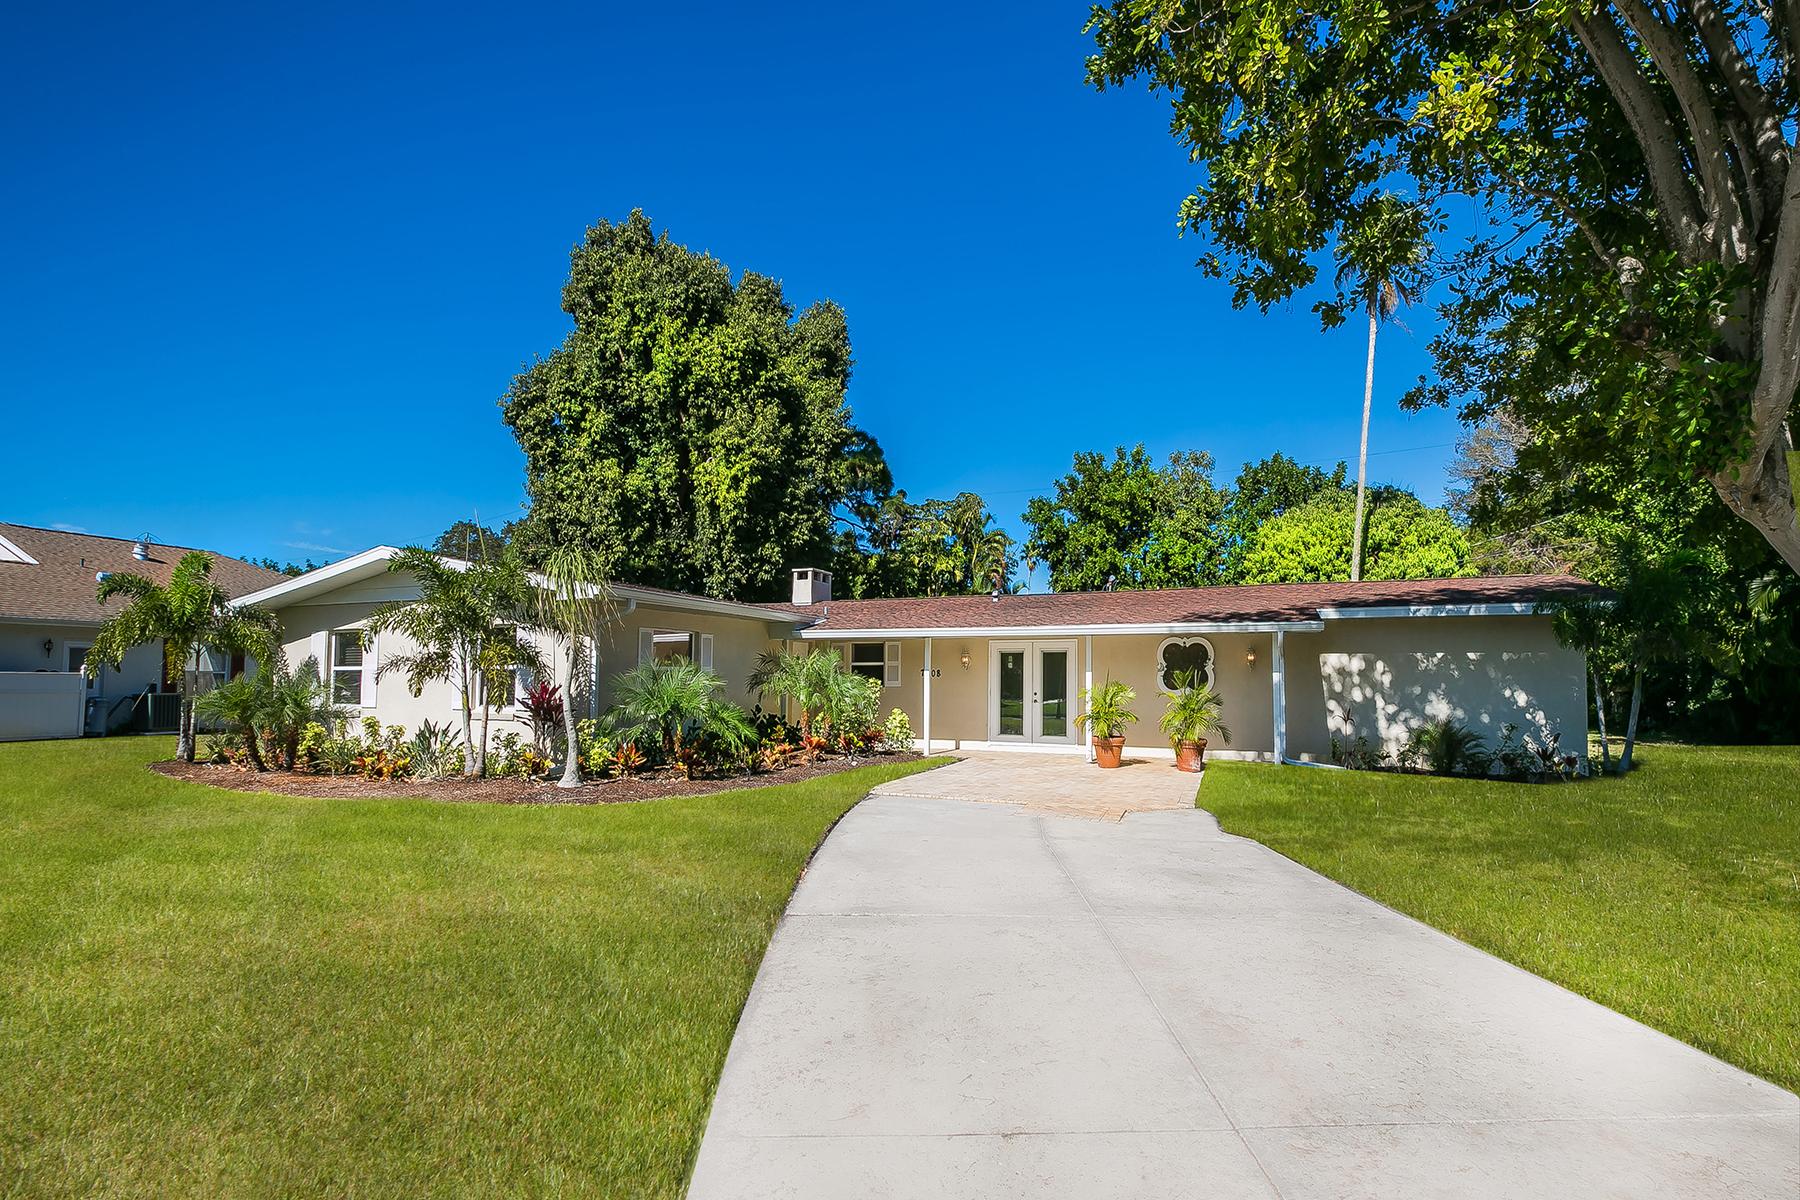 단독 가정 주택 용 매매 에 PALMA SOLA PARK 7608 The Plaza Bradenton, 플로리다, 34209 미국